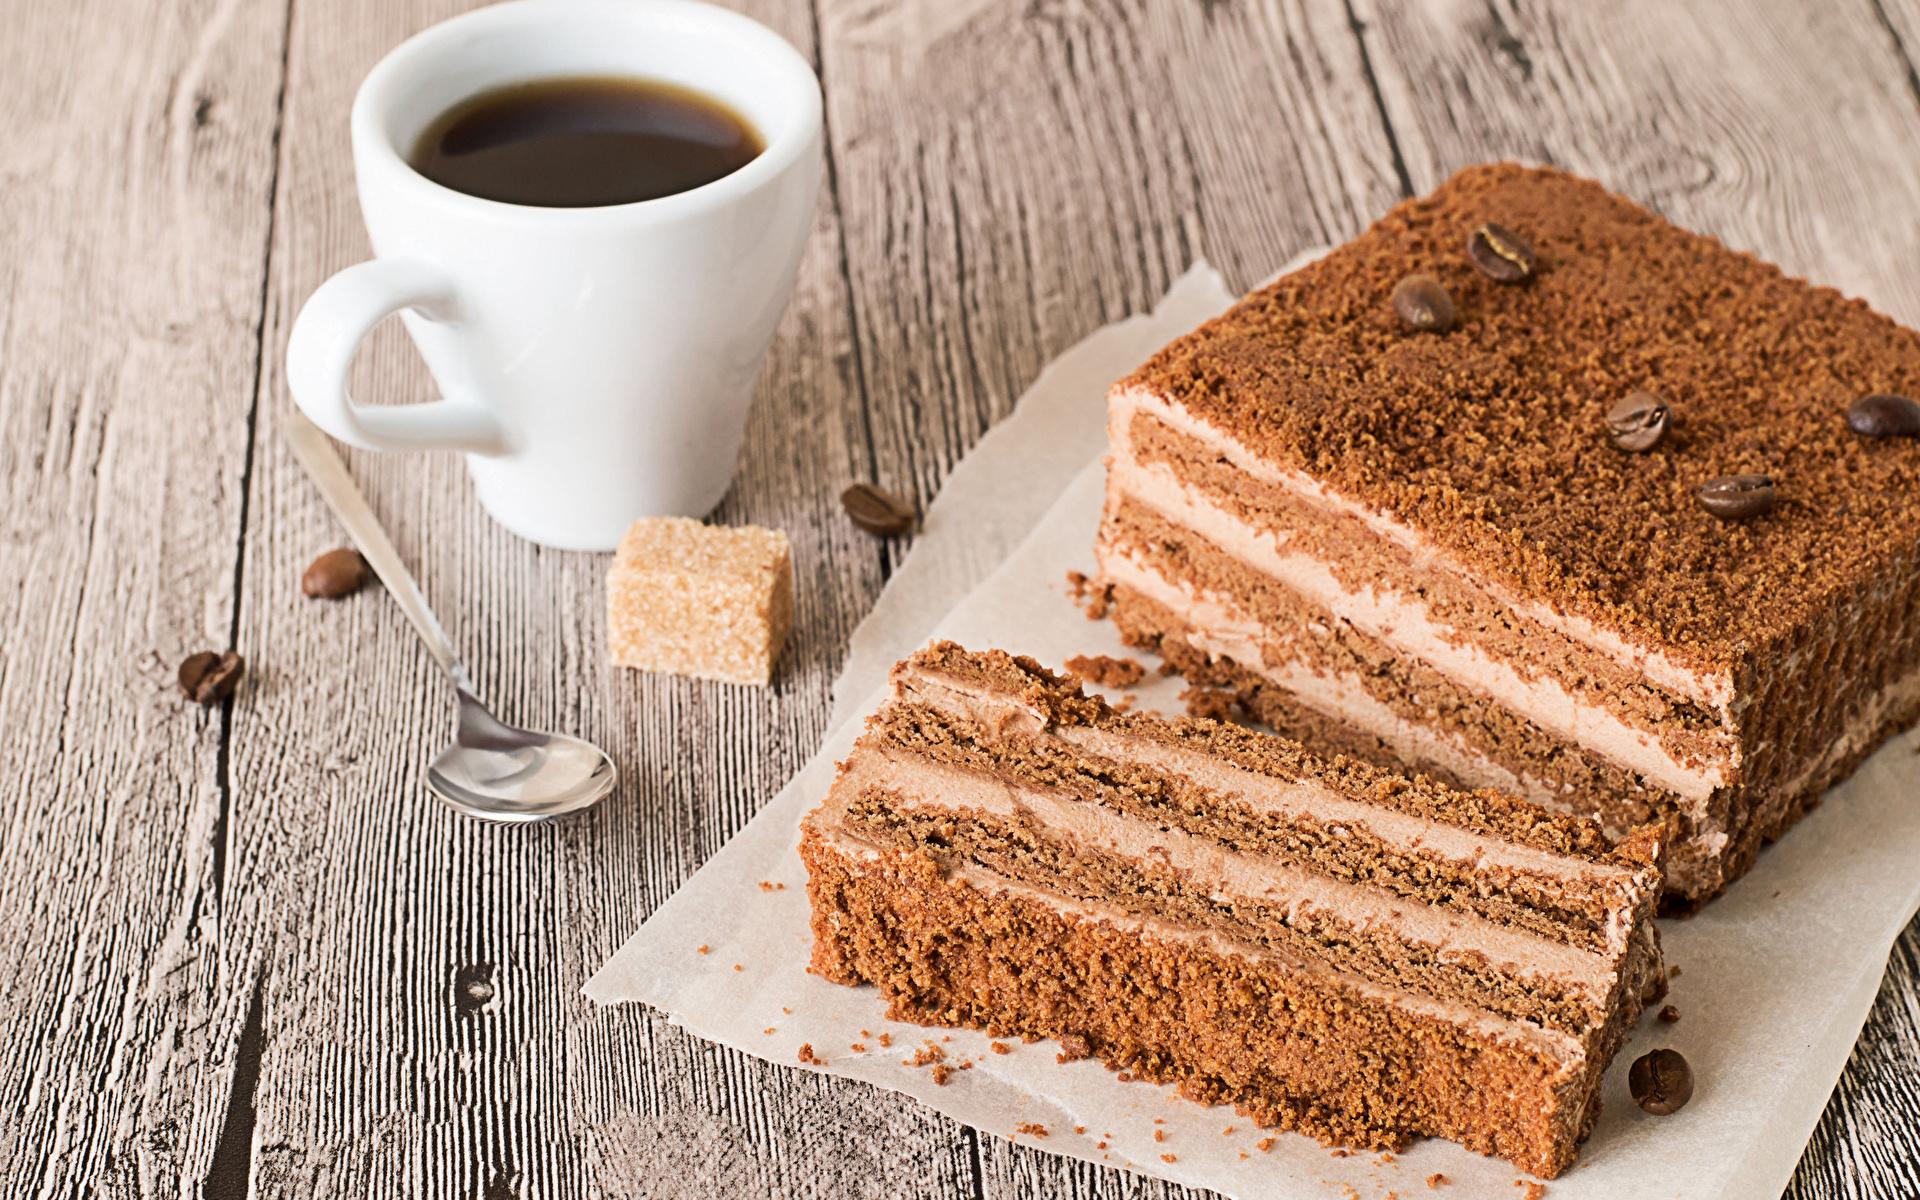 Картинка Кофе Сахар Торты Зерна Кусок Еда ложки чашке Доски 1920x1200 зерно часть Пища Ложка Чашка Продукты питания